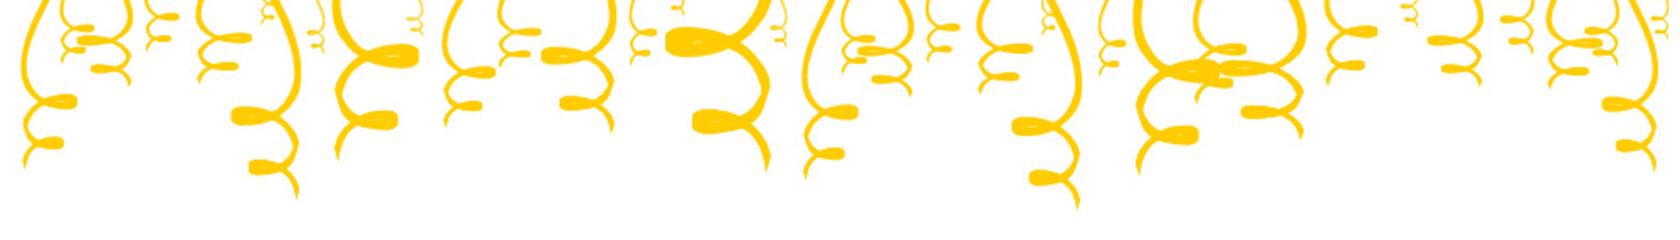 Luftschlangen Band Banner Gelb